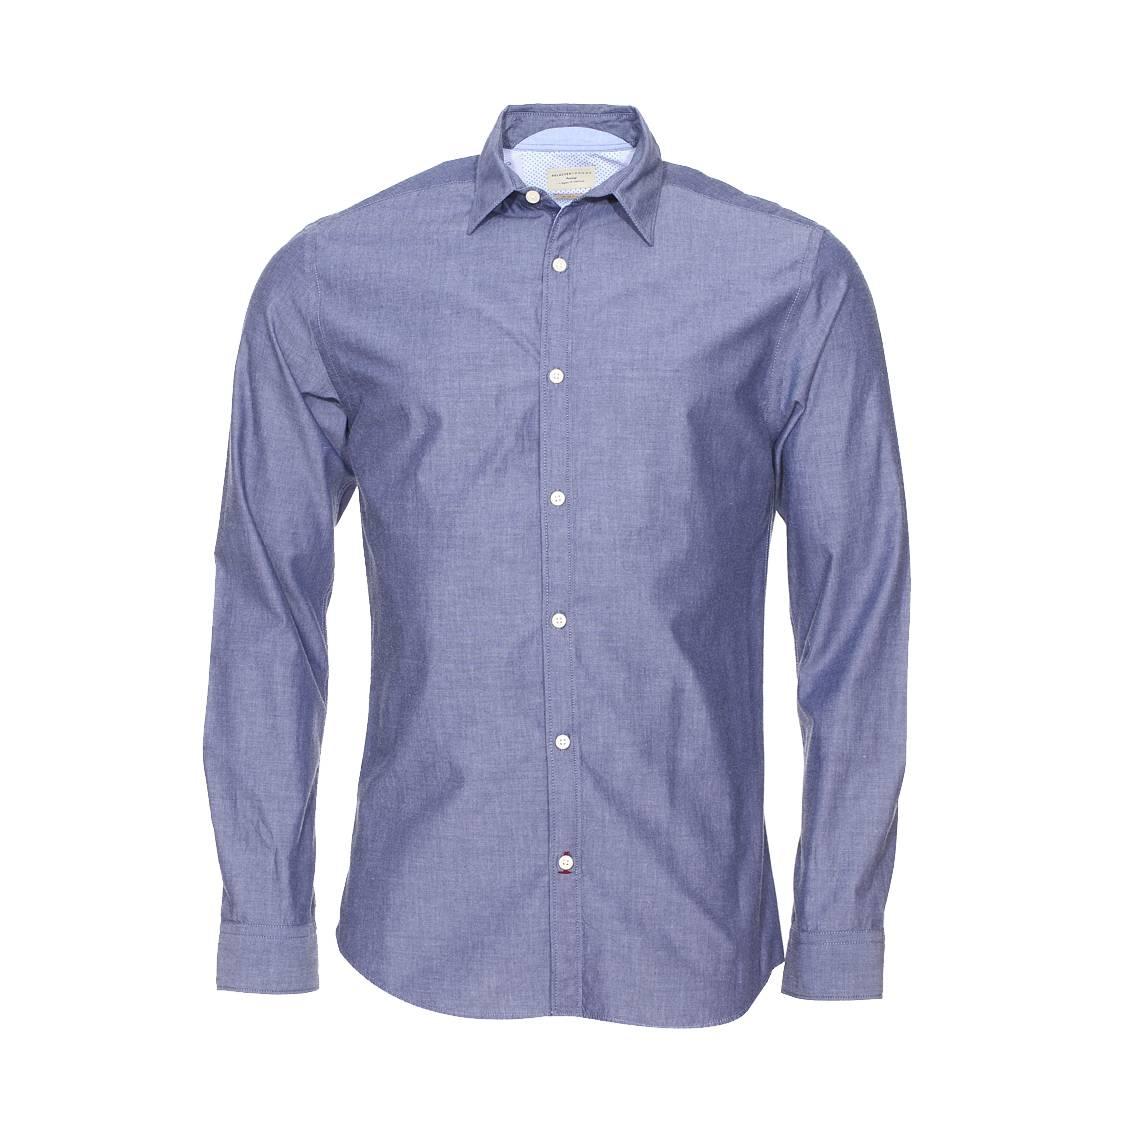 Chemise ajustée  en coton denim bleu gris